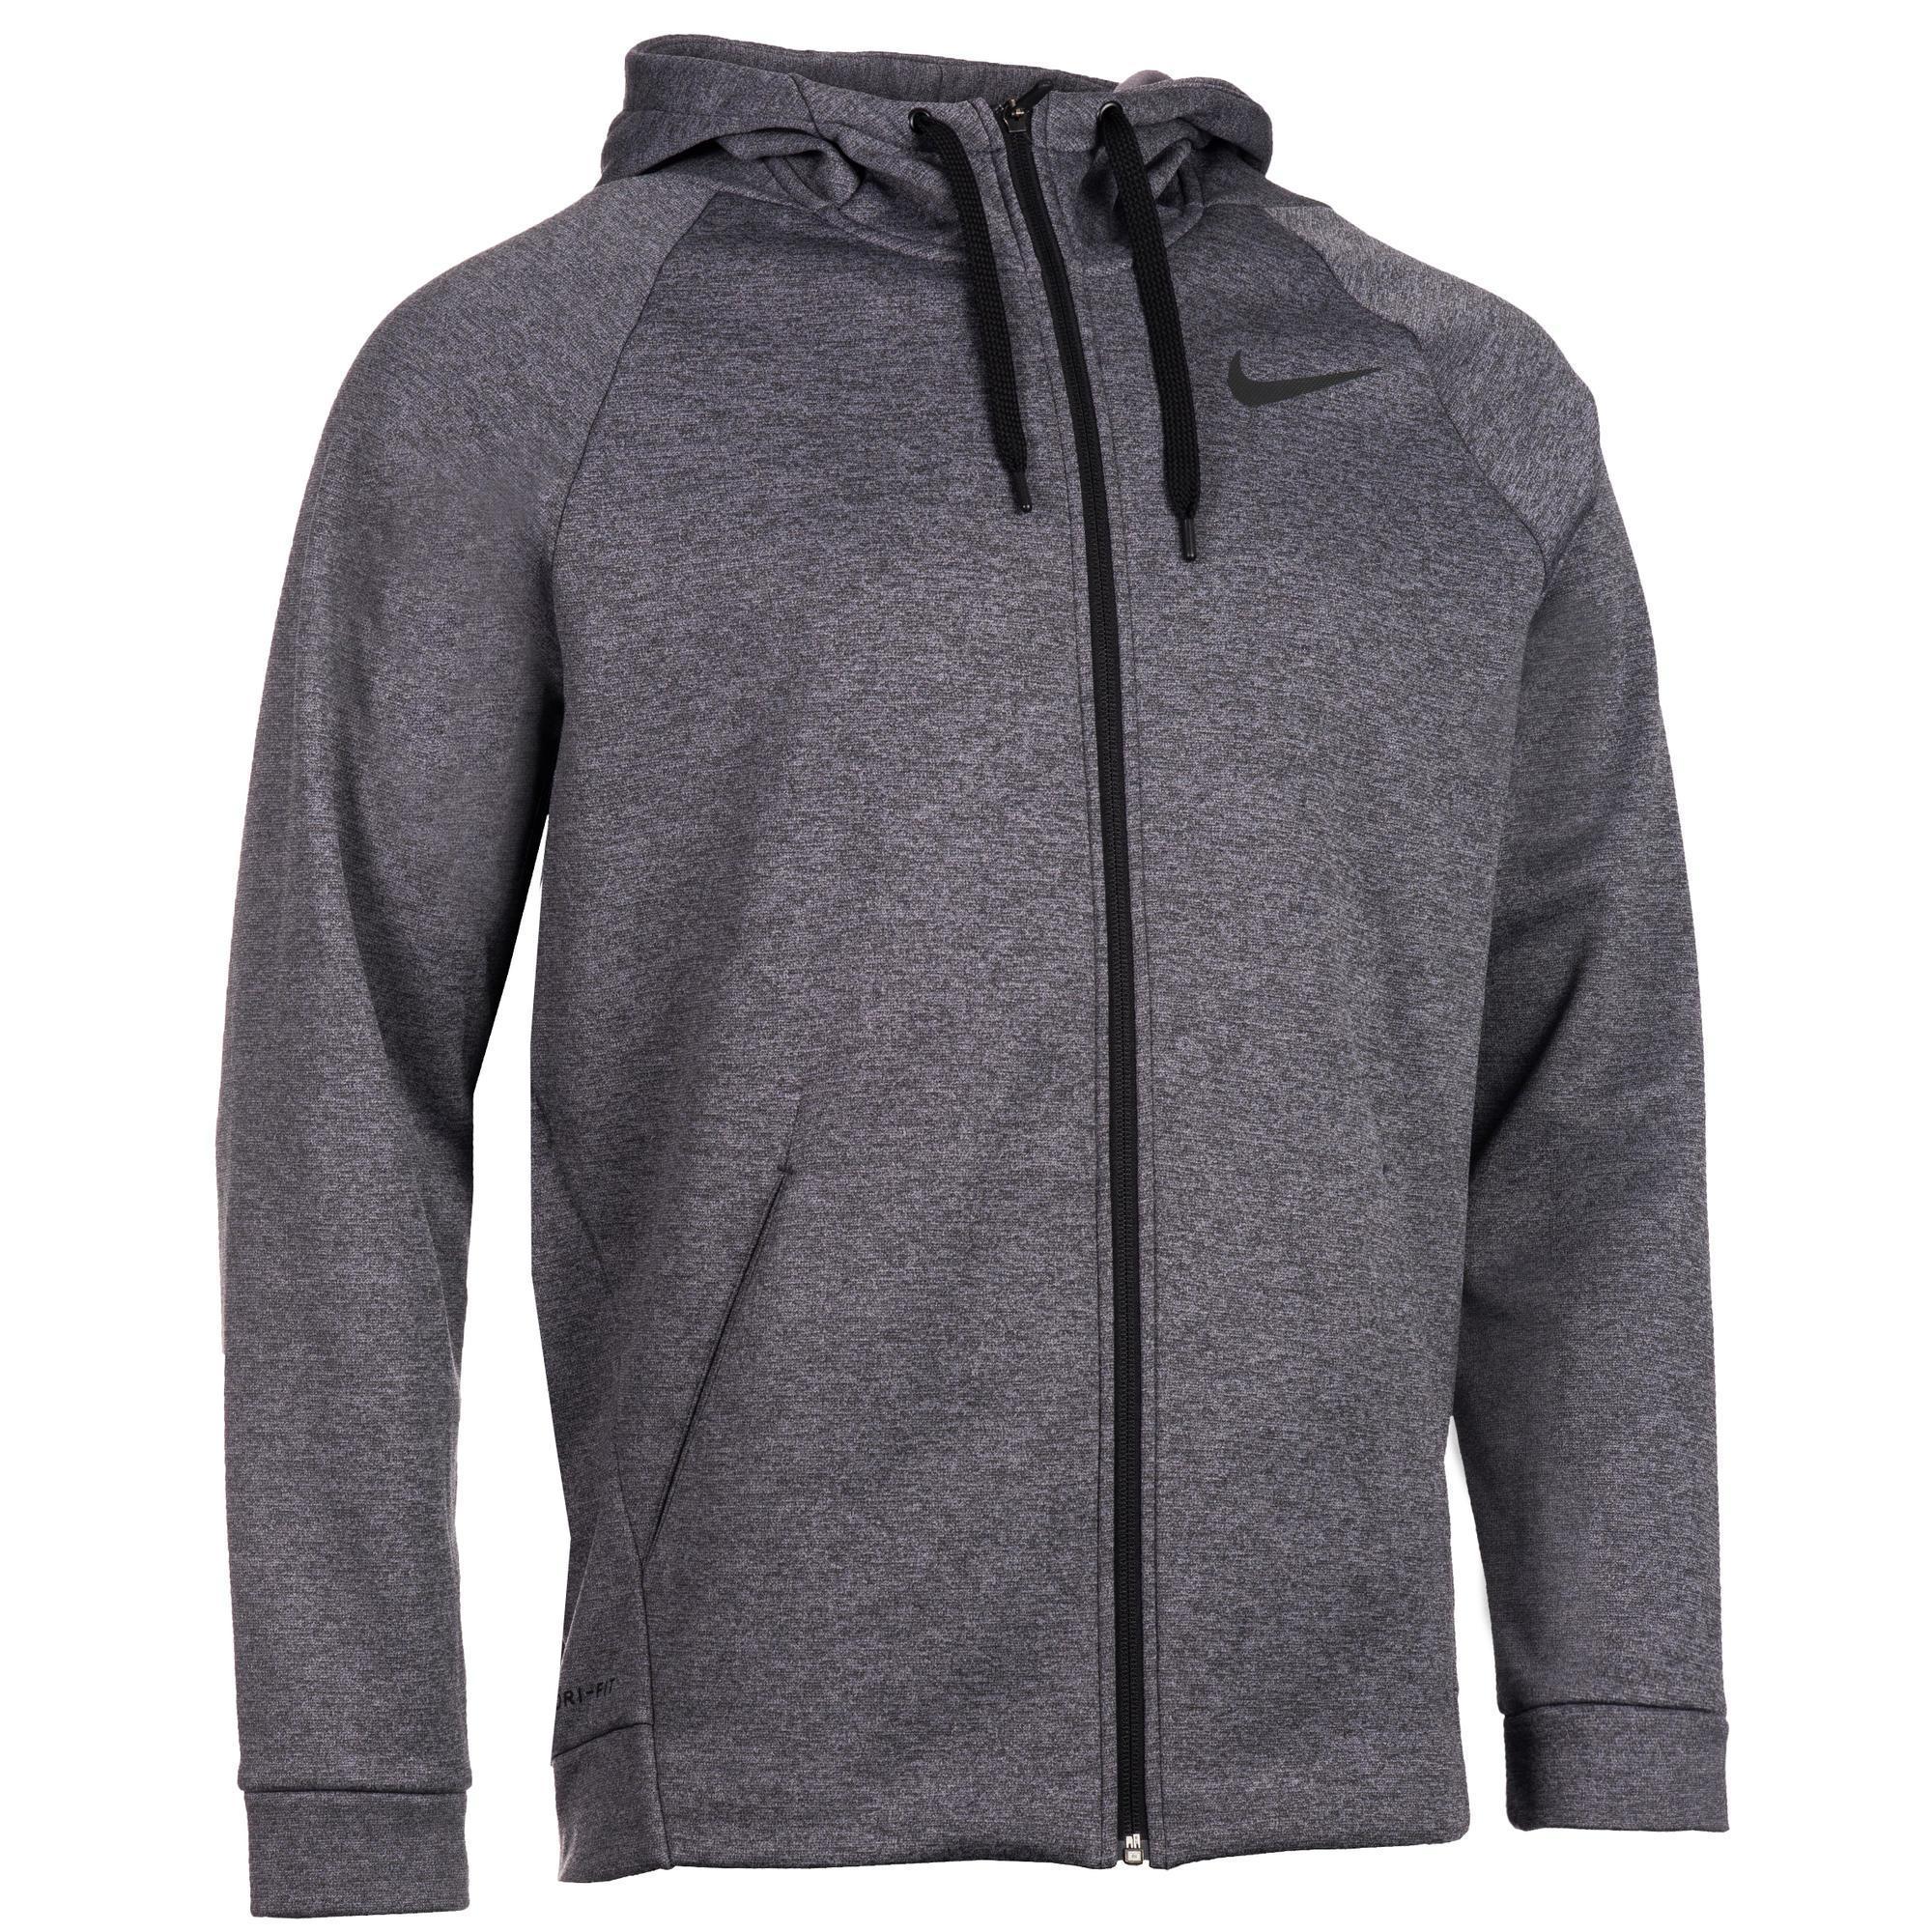 Hoodie Heren Met Rits.Nike Heren Hoodie Met Rits Nike 900 Voor Gym En Stretching Grijs